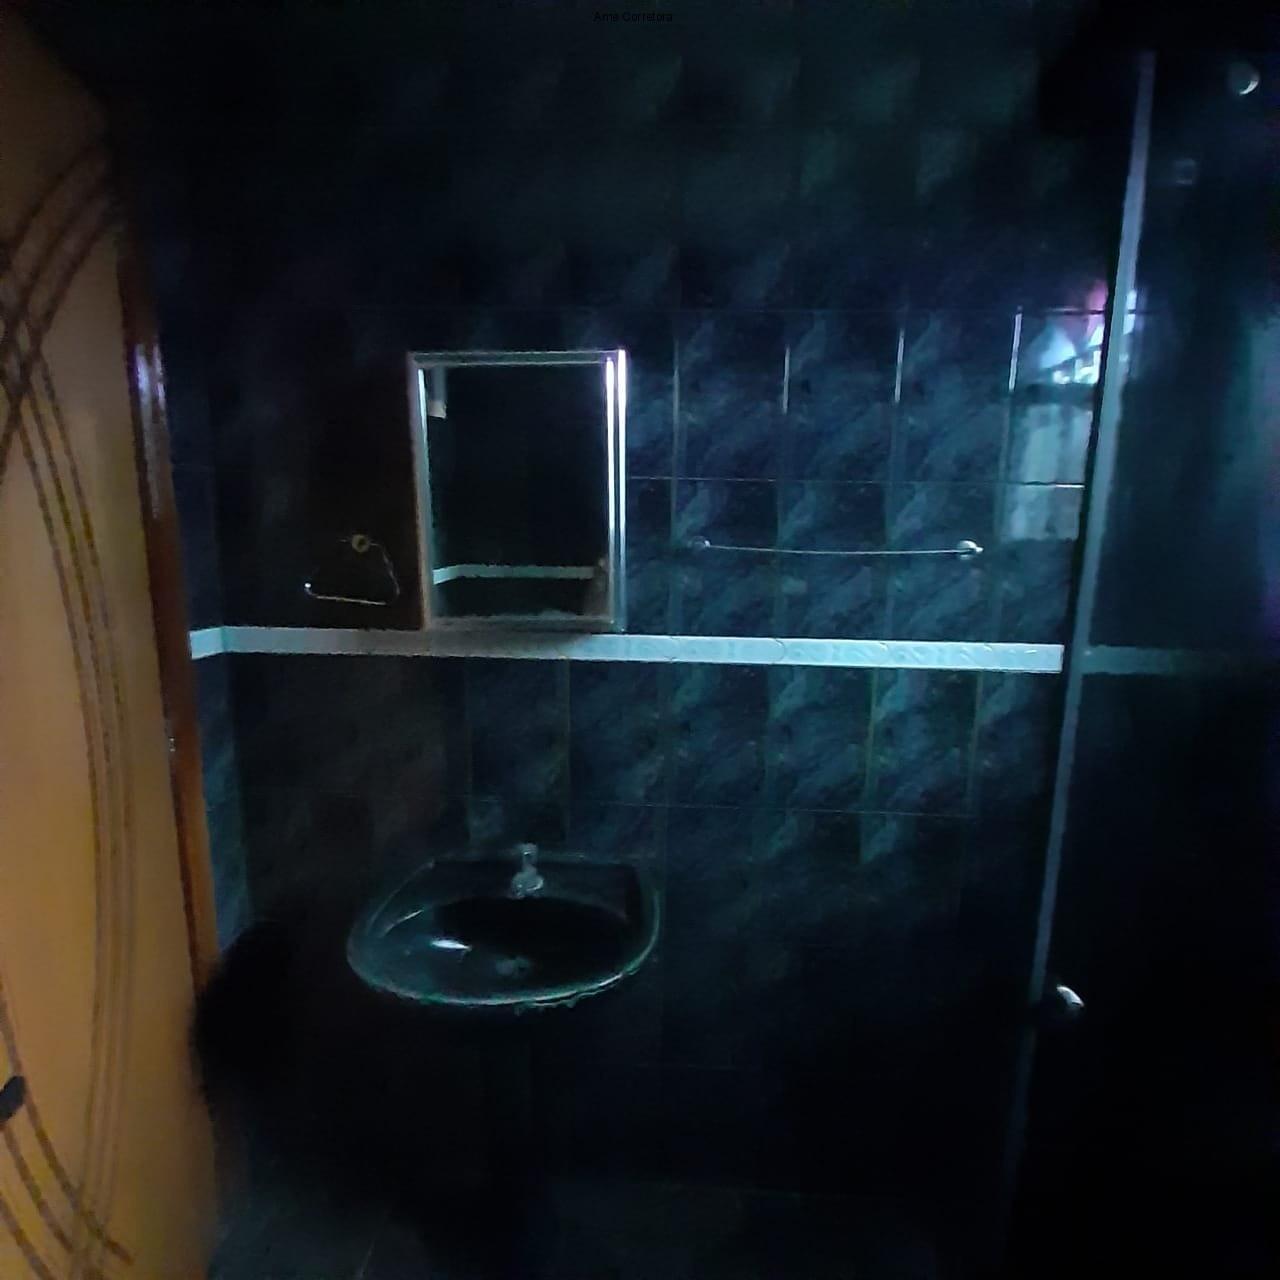 FOTO 28 - Casa 3 quartos à venda Campo Grande, Rio de Janeiro - R$ 370.000 - CA00613 - 29